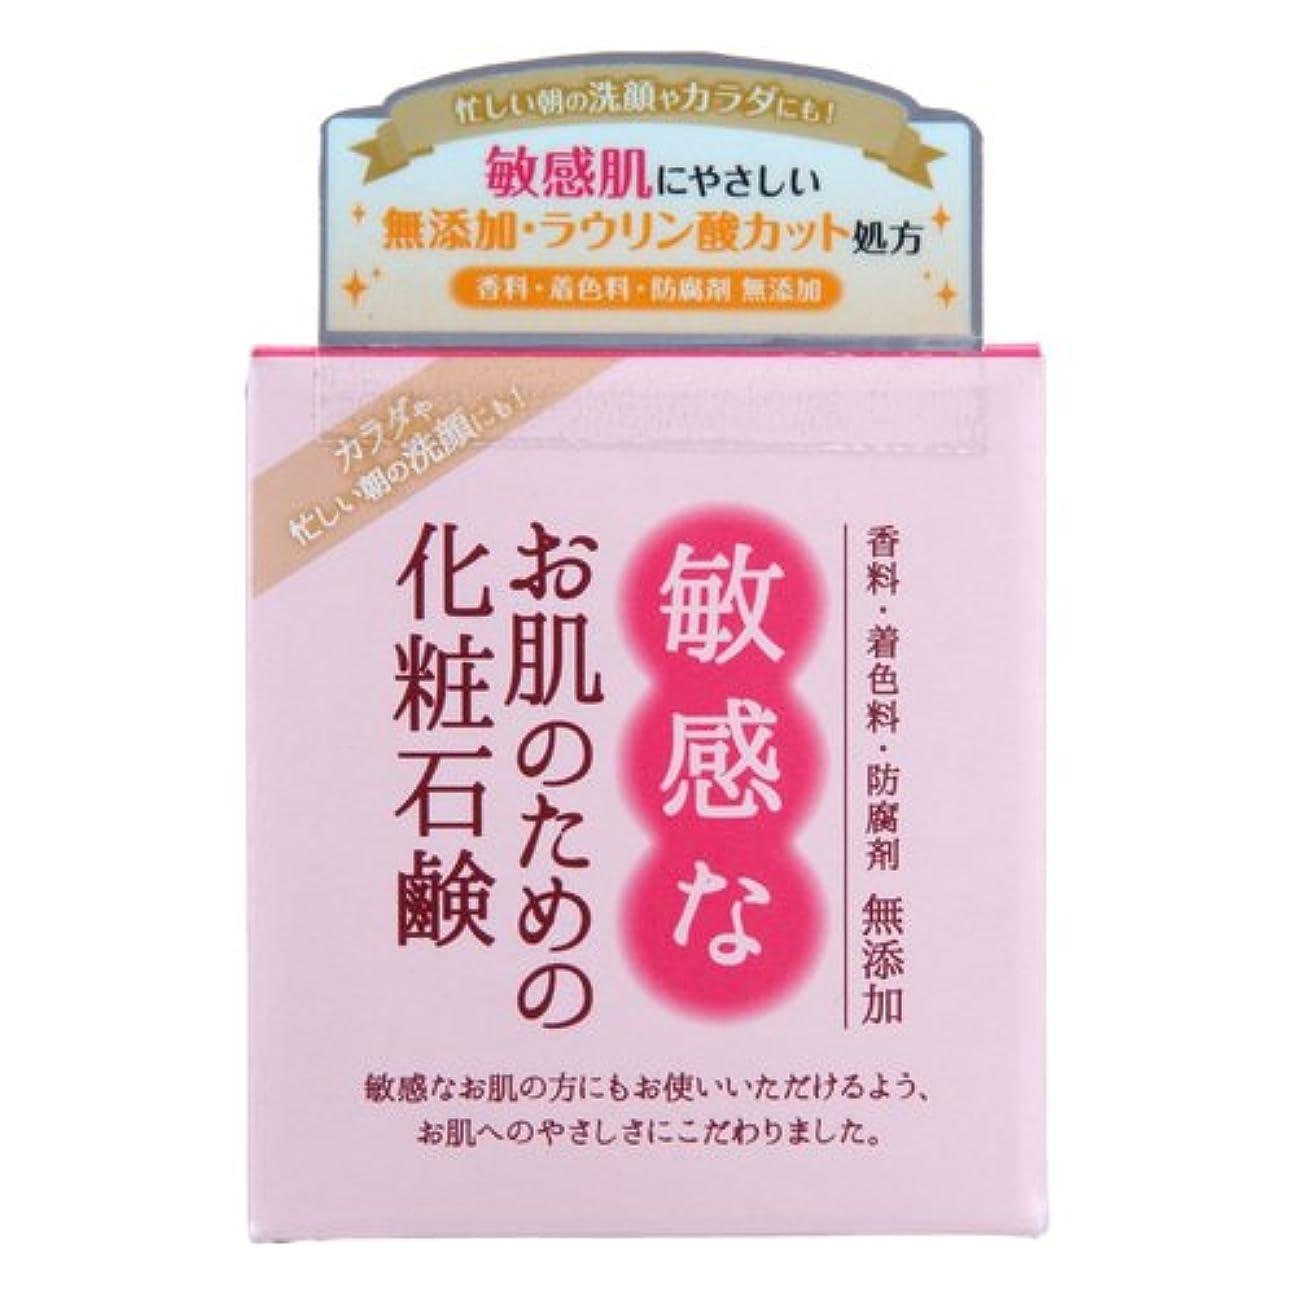 プロトタイプメナジェリープロフィール敏感なお肌のための化粧石鹸 100g CBH-S